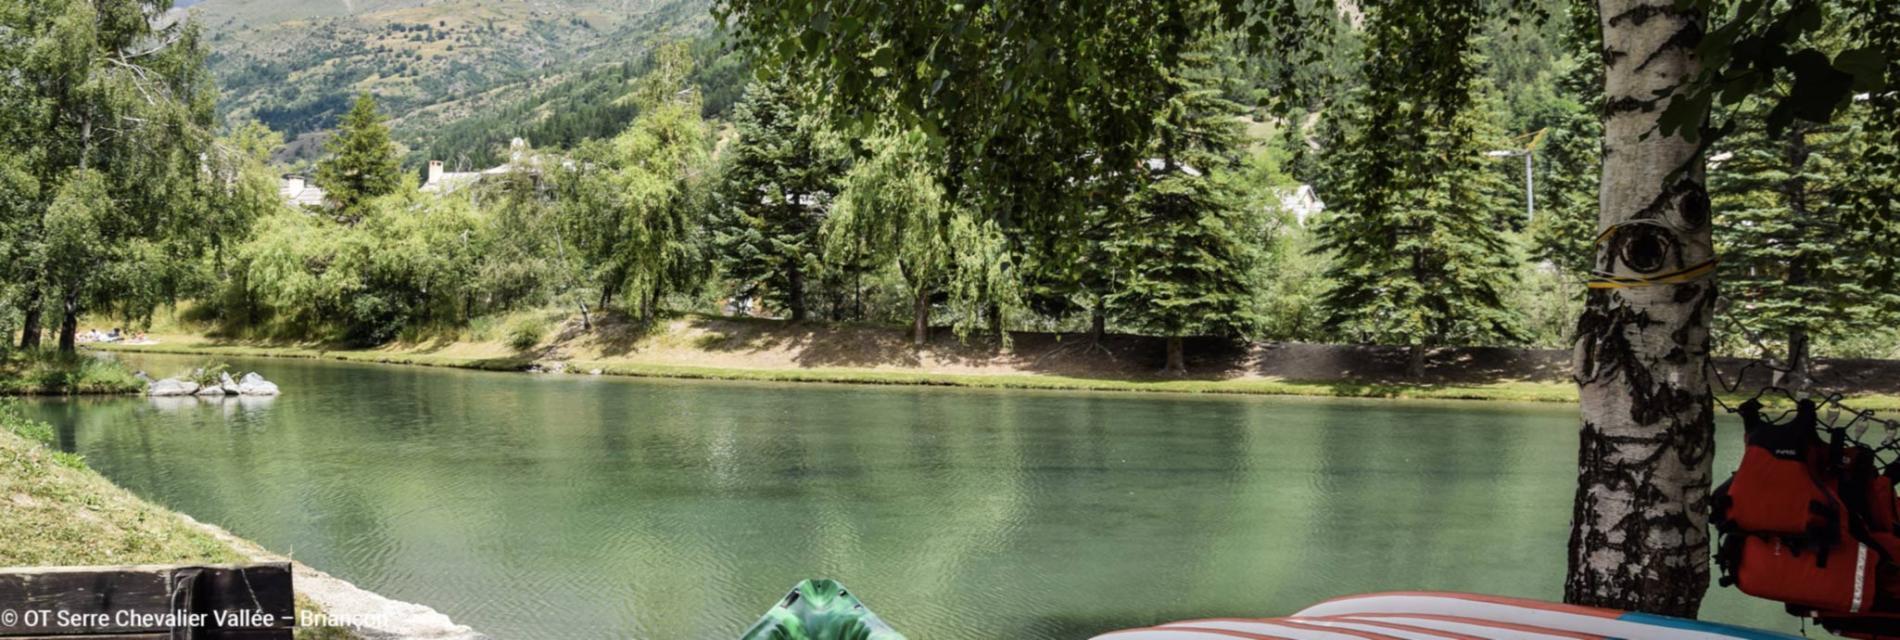 Slide Lac à Serre Chevalier